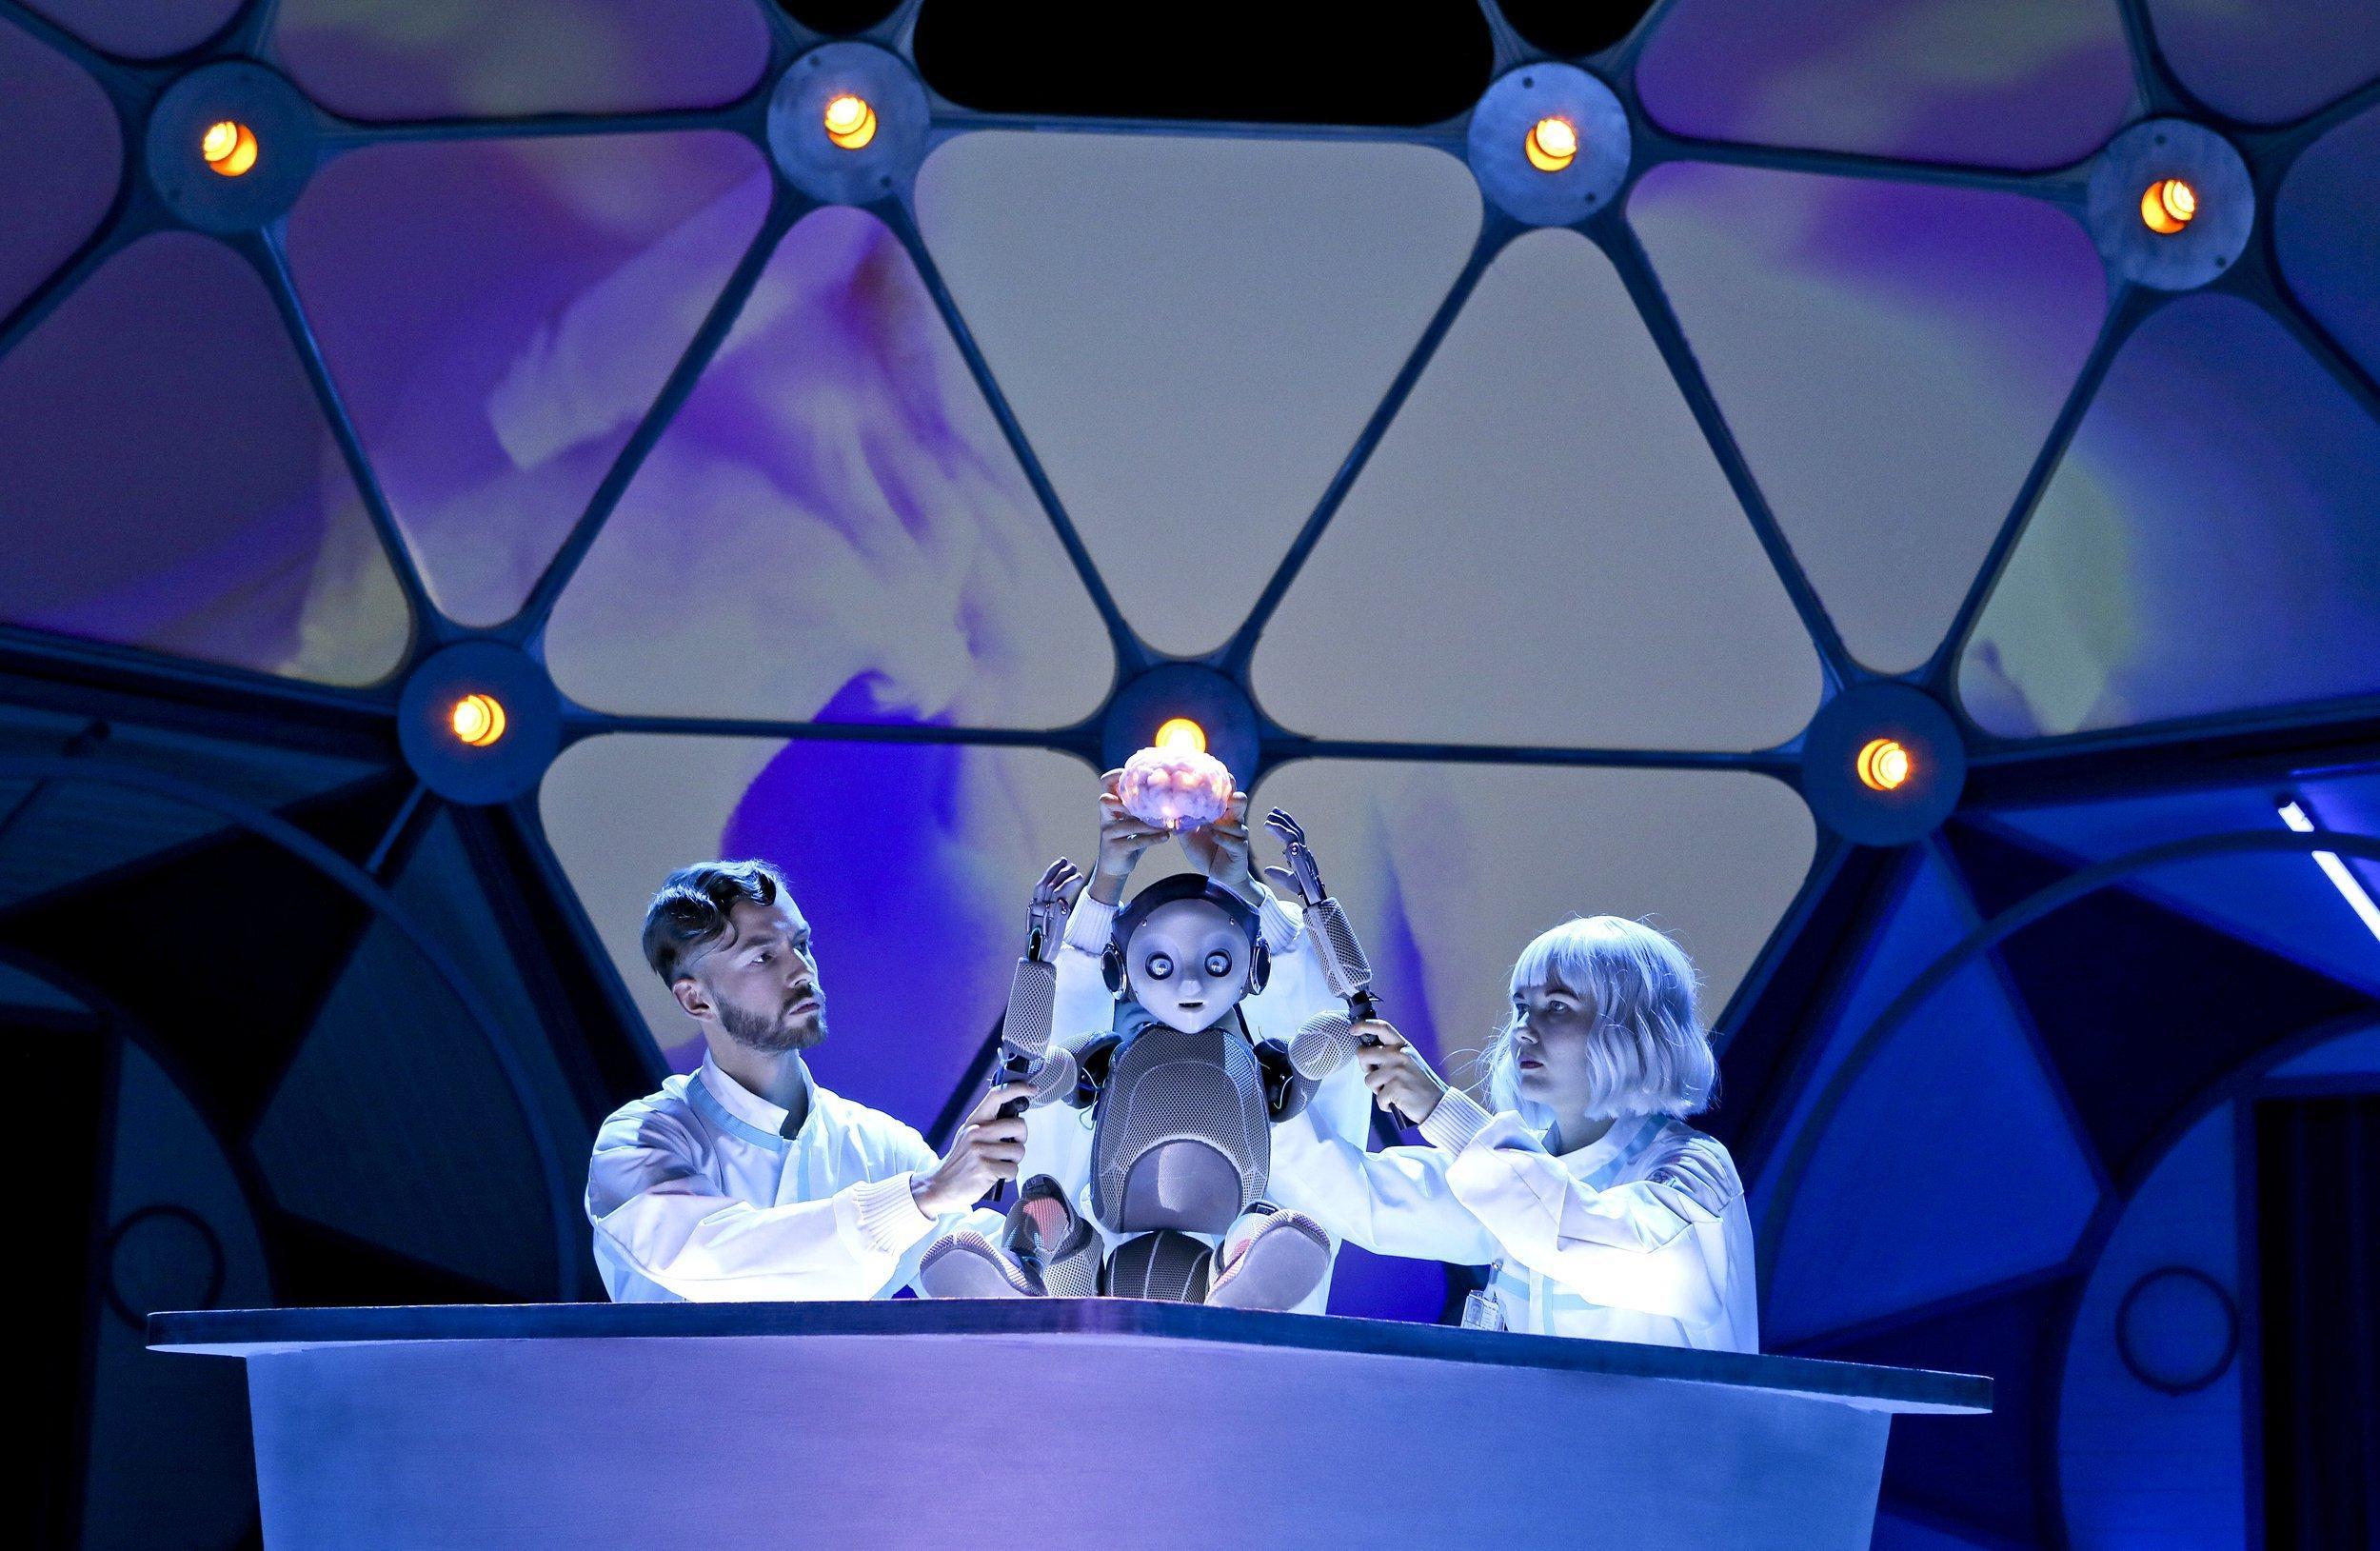 Die Schauspieler Franziska und Markus spielen zwei Forscher. Als Forscher bauen sie ein künstliches Gehirn und geben es einem Roboterjungen. Sie spielen das als Theaterstück auf der Bühne.